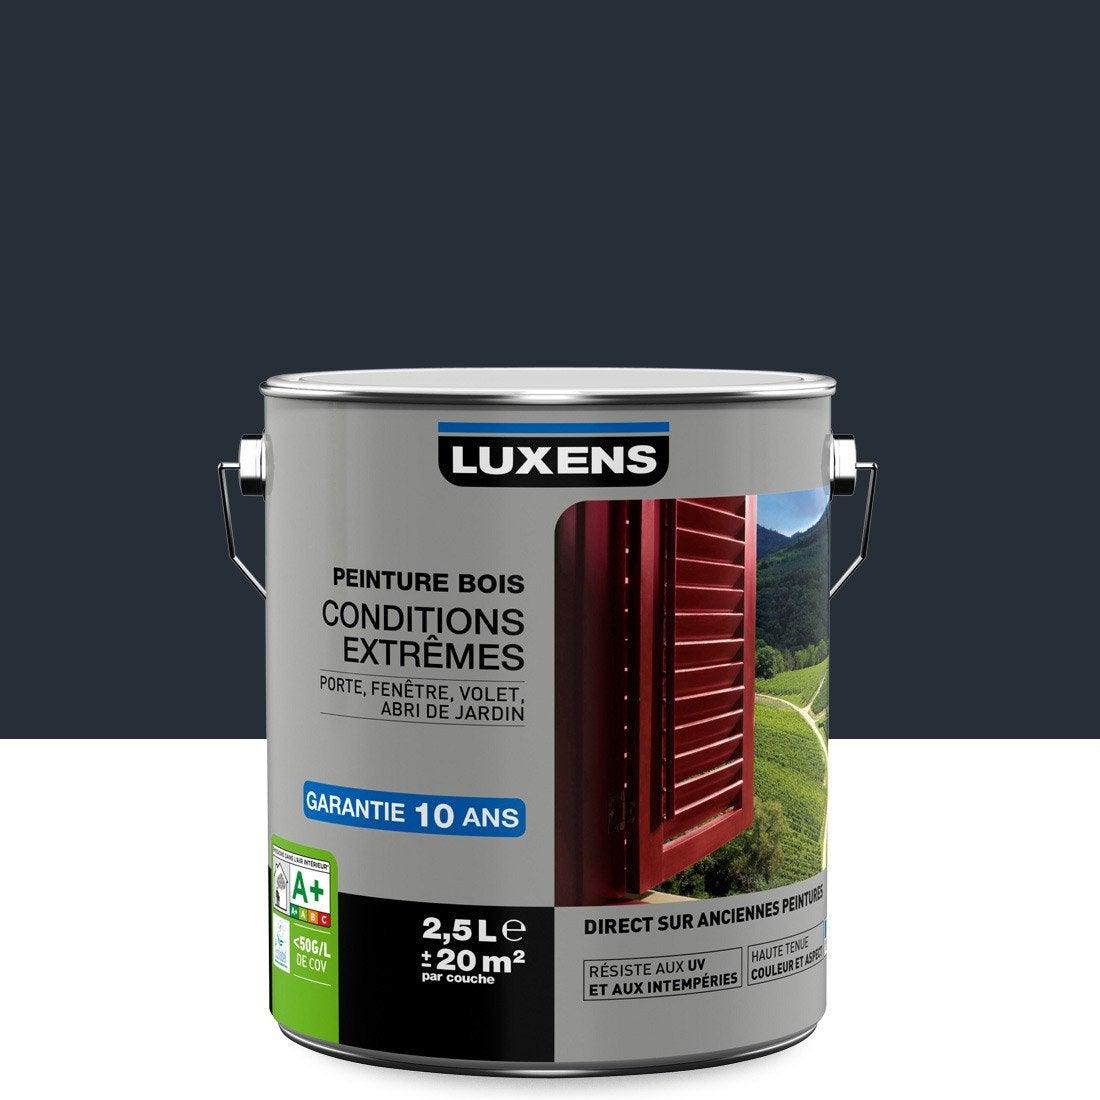 exceptionnel Peinture bois extérieur Conditions extrêmes LUXENS, gris anthracite, 2.5 l